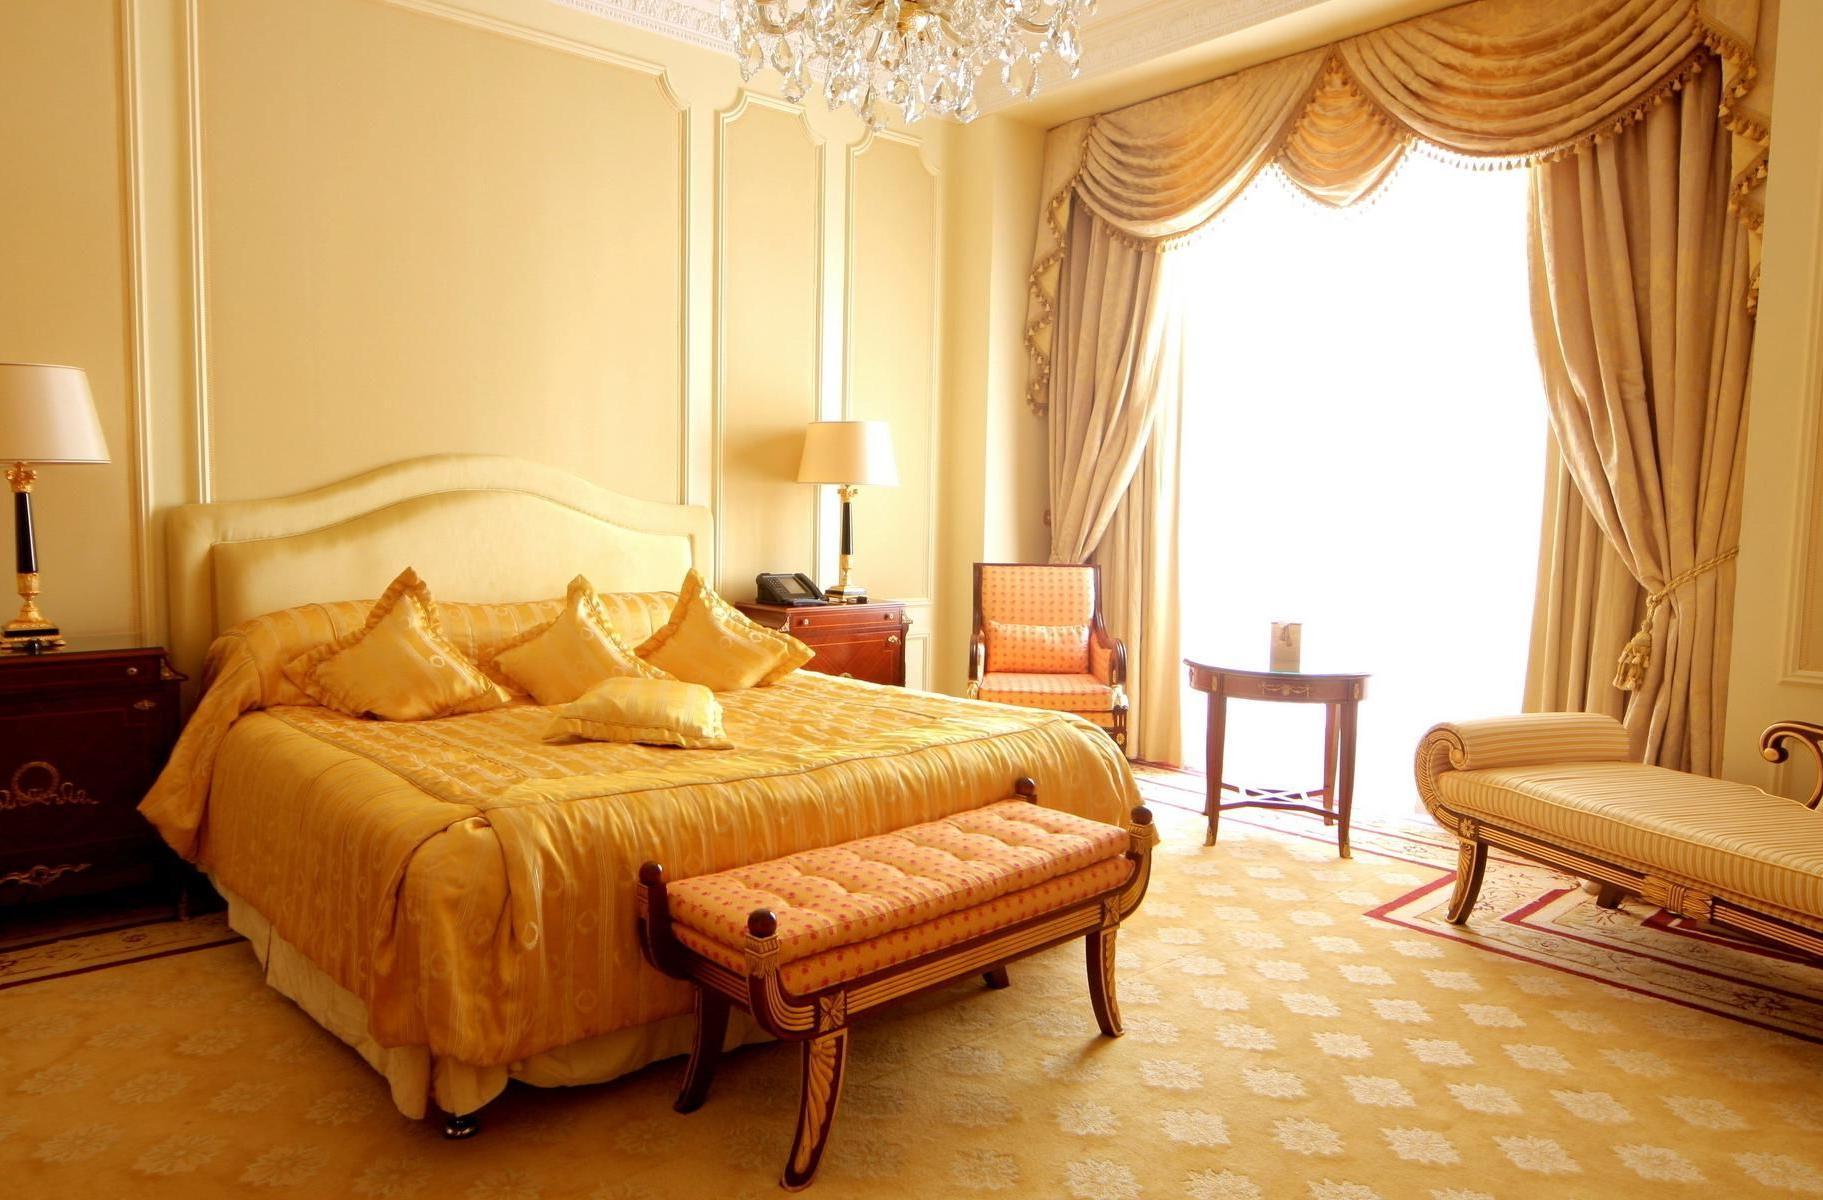 Светлая, просторная спальная комната в стиле барокко с панорамными окнами.